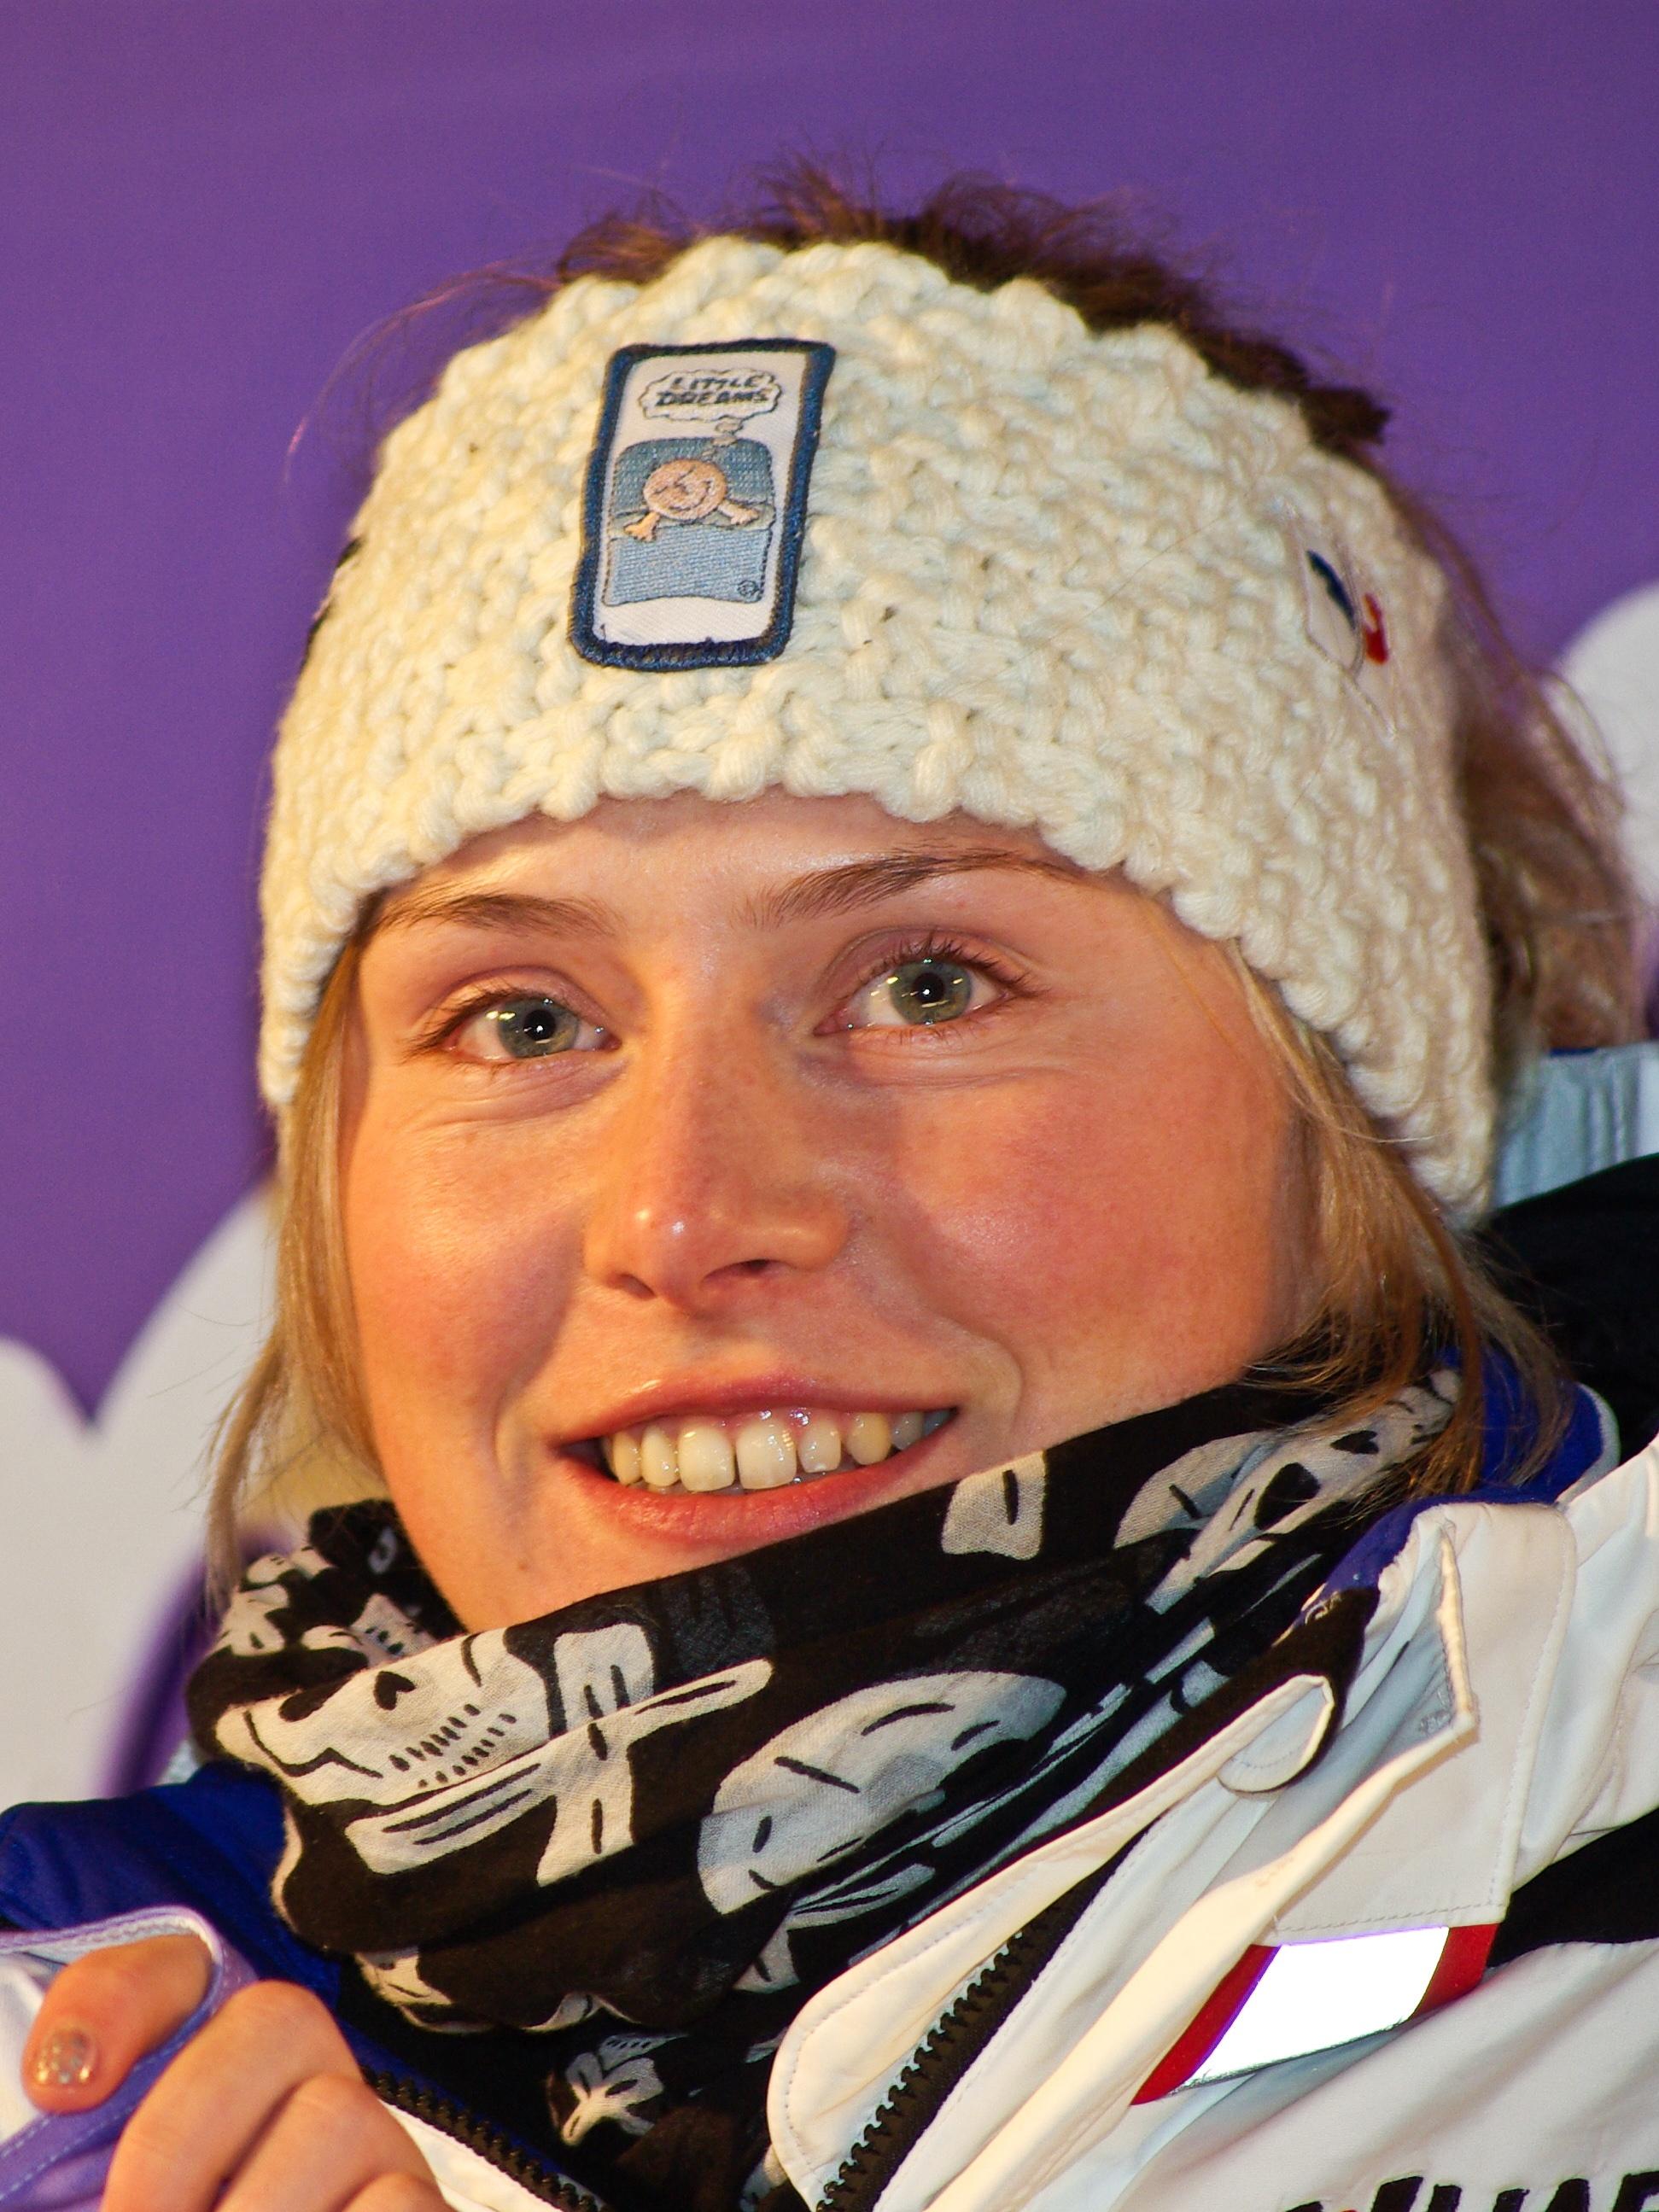 Eine australische Französin. Quelle: Christian Jansky/commons.wikimedia.org